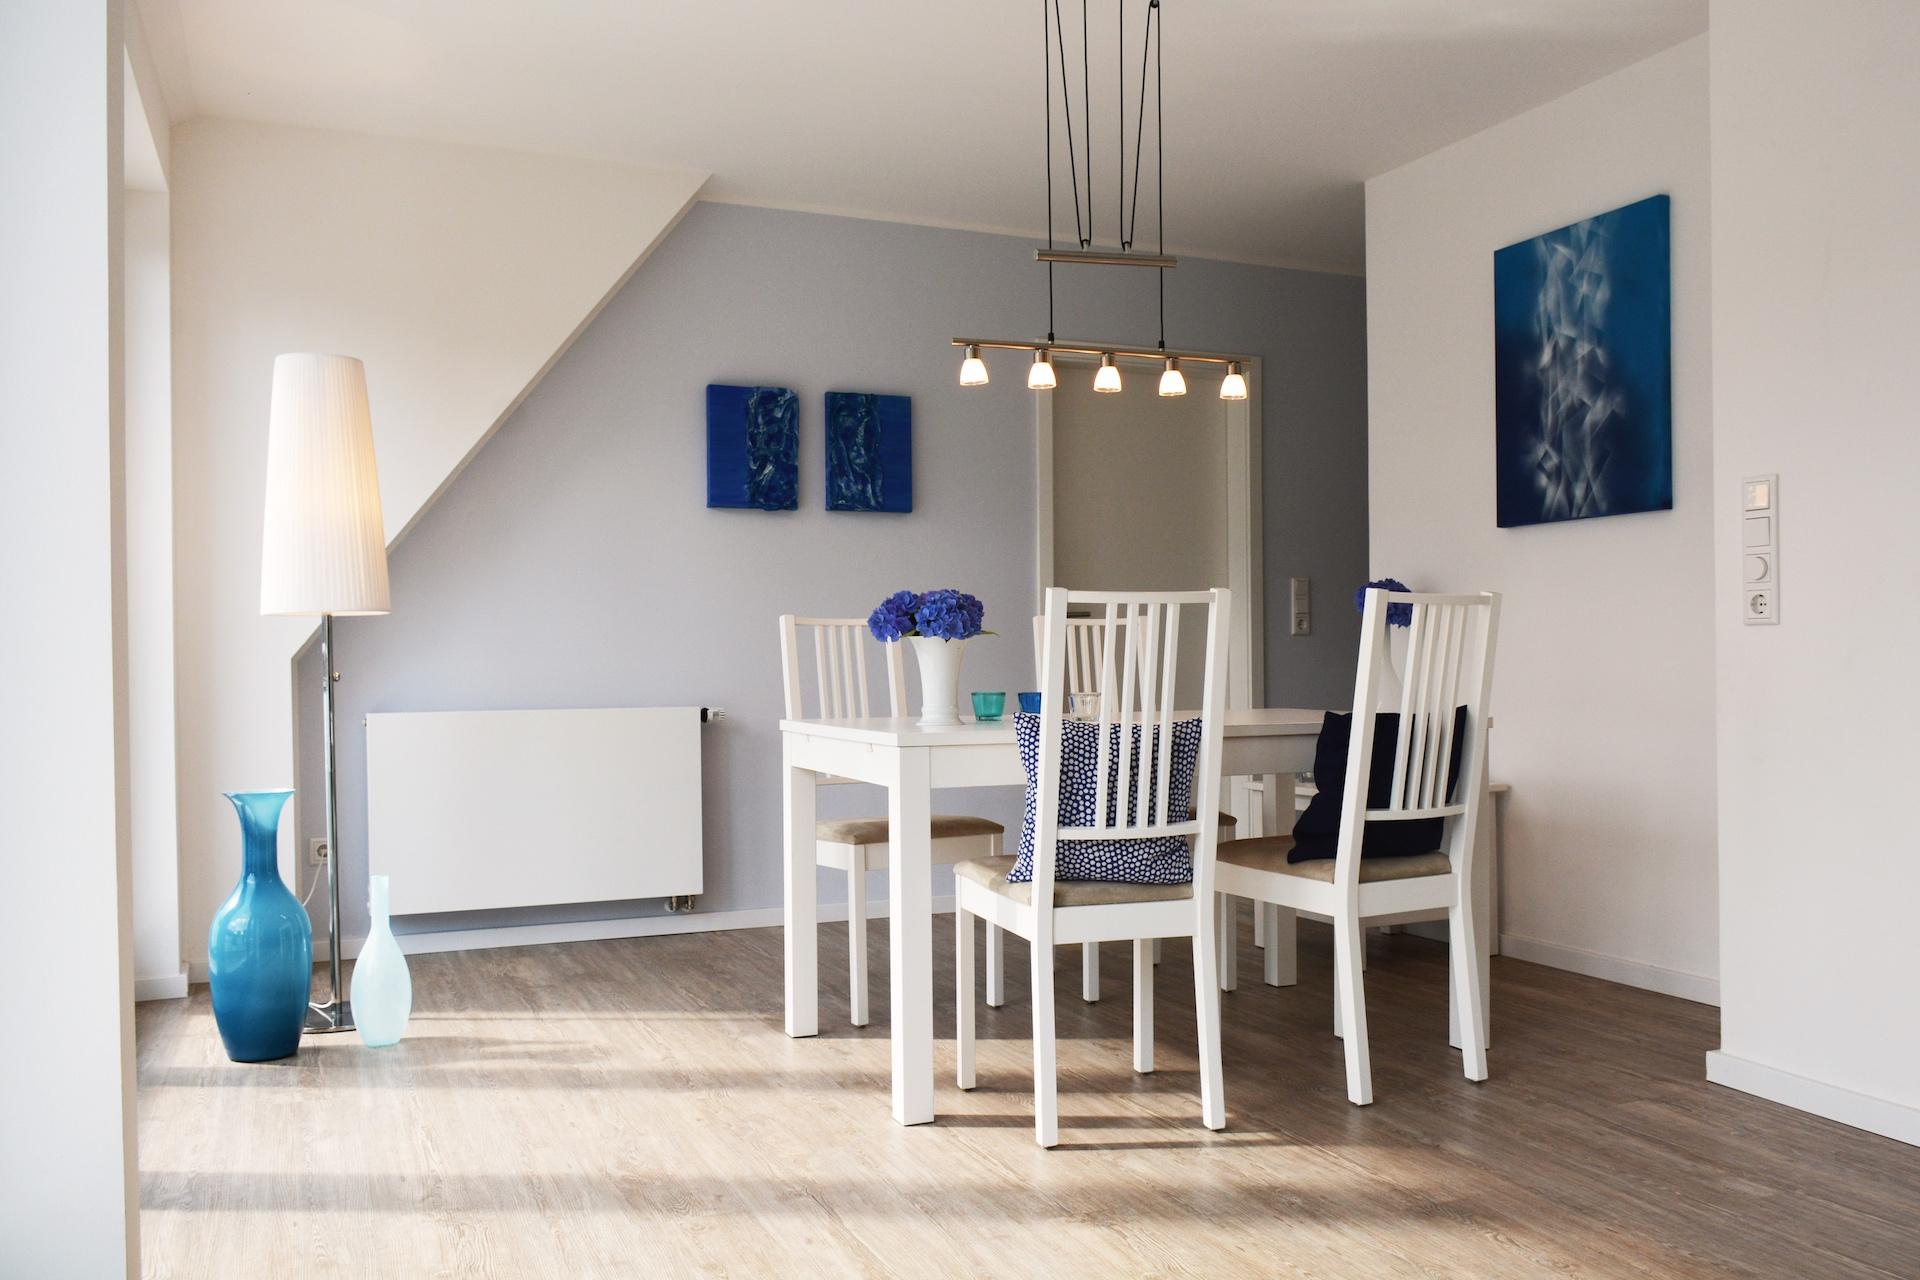 Architektur Viola P. Stange - Impressionen Ferienhaus Innen